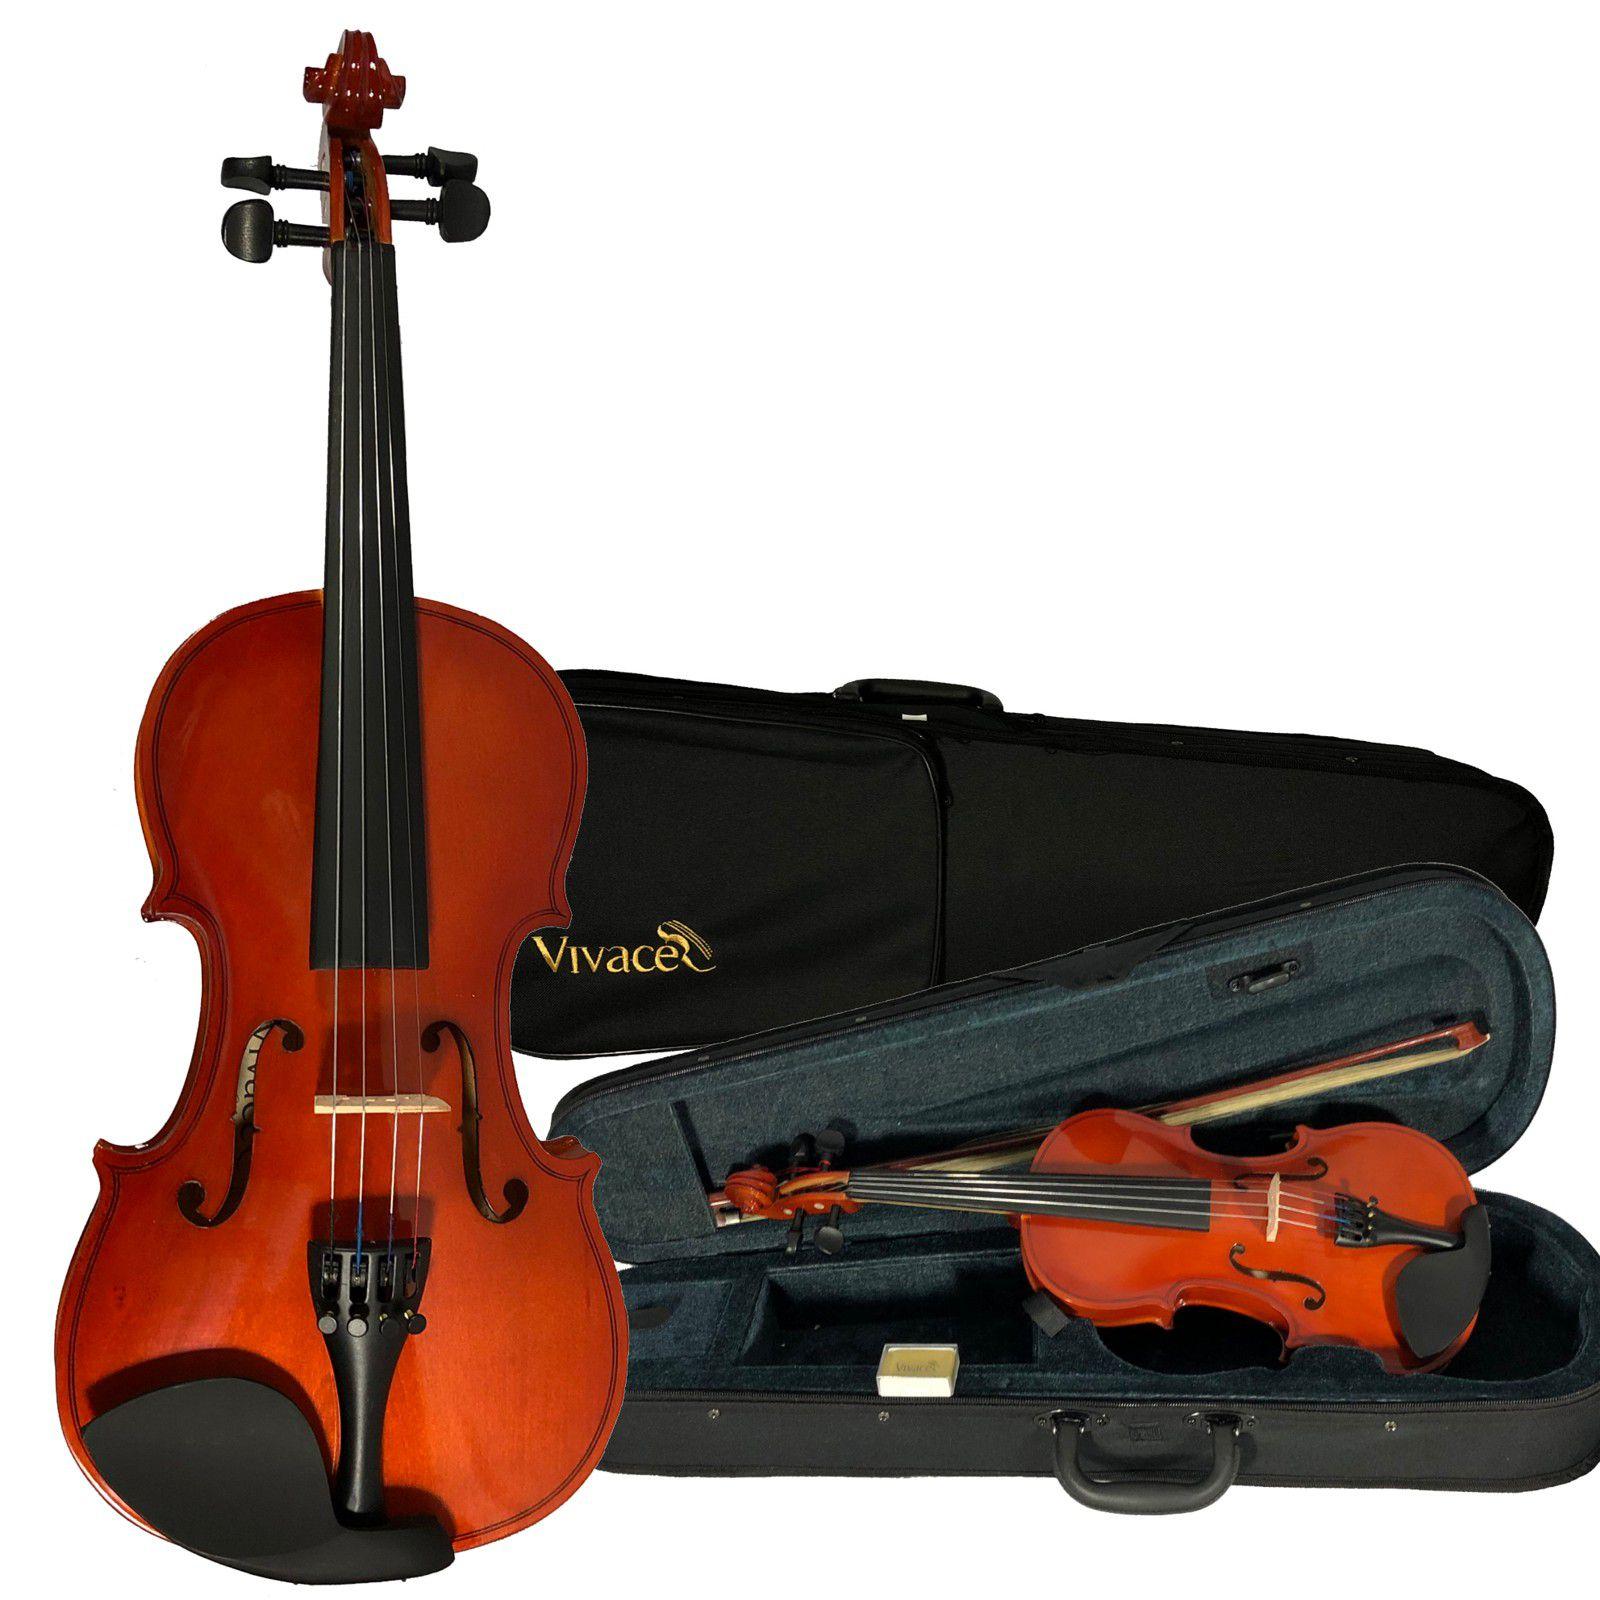 Kit Violino Vivace Mozart 4/4 + Estojo Pedestal Espaleira